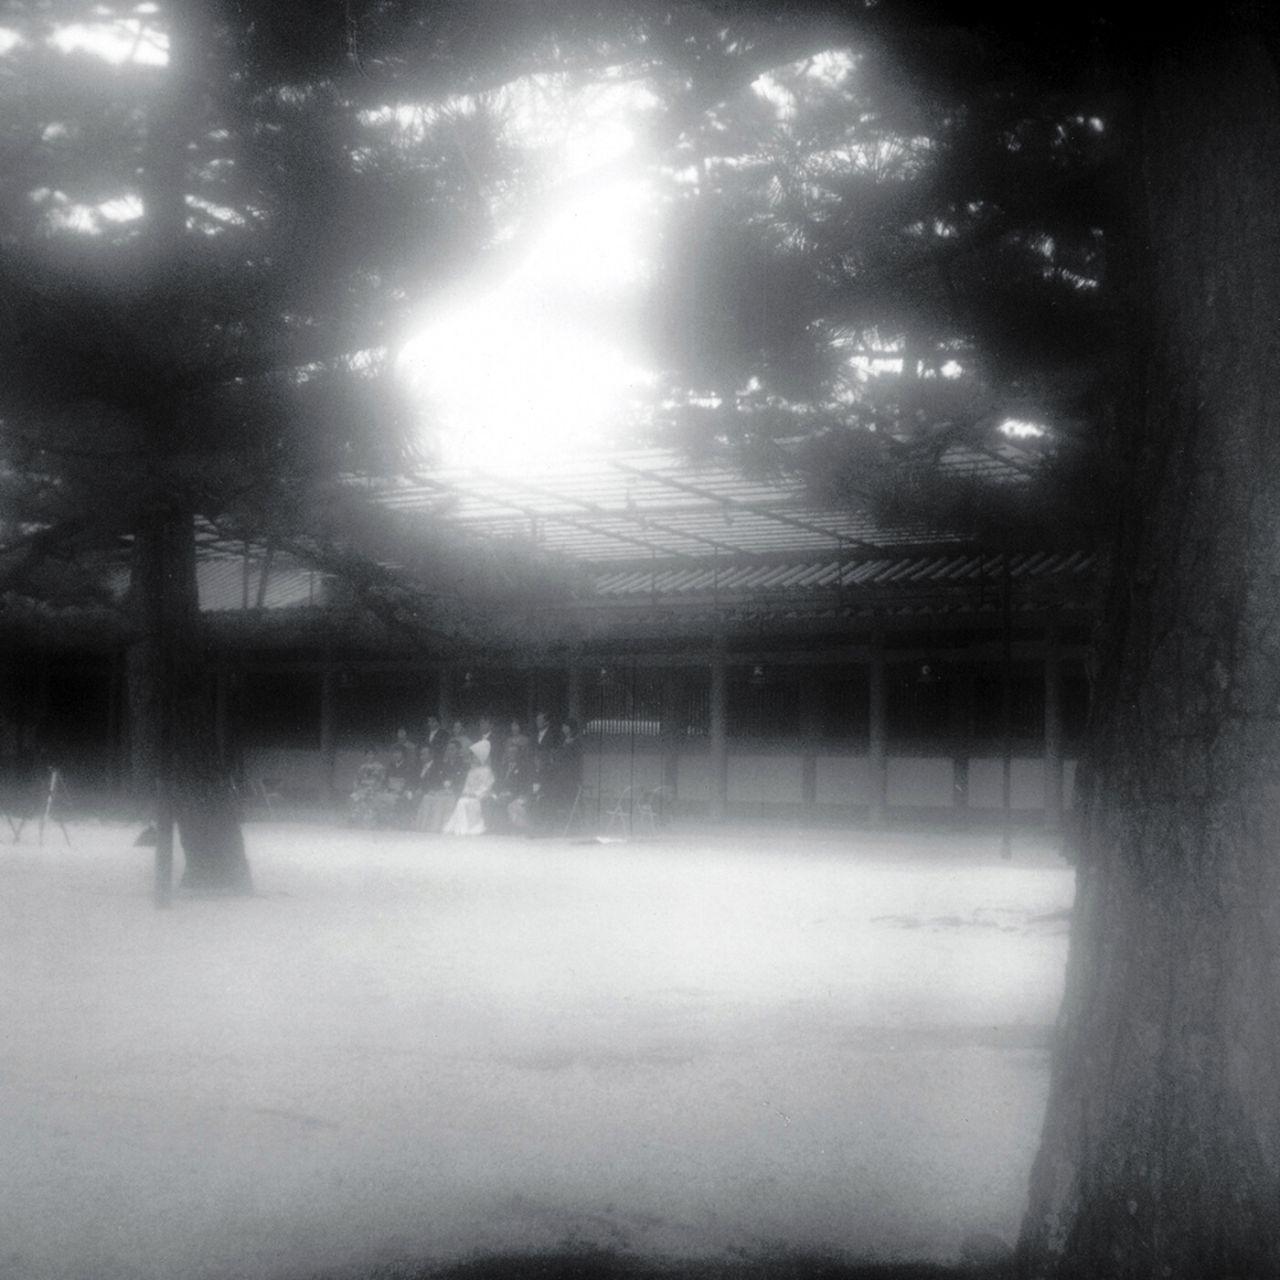 Santuario Heian i, Kioto (Sorge y Ozaki), 2008